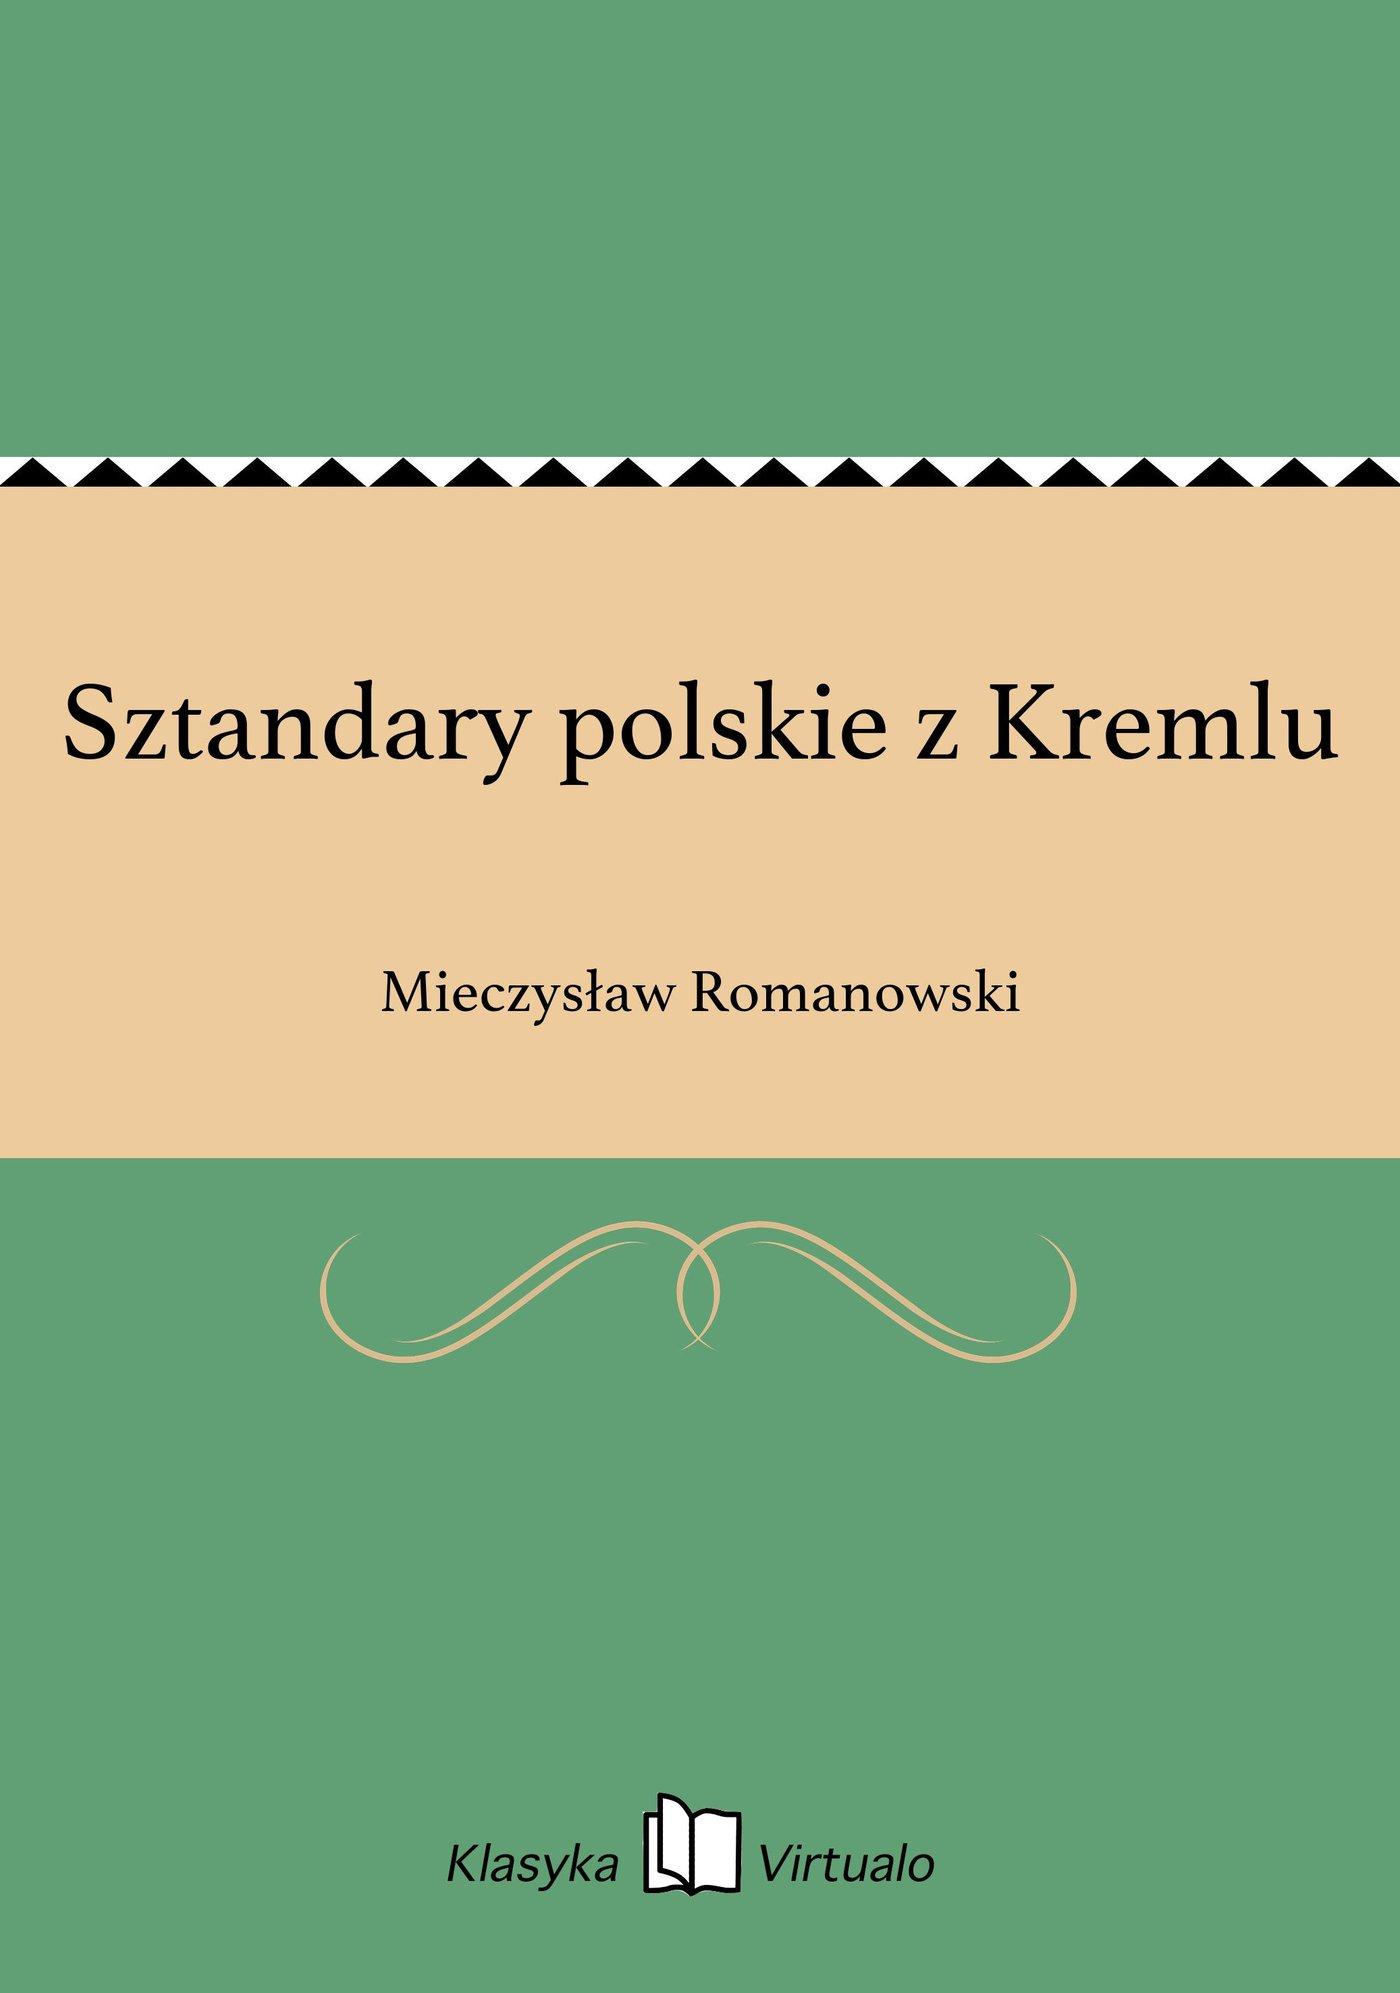 Sztandary polskie z Kremlu - Ebook (Książka EPUB) do pobrania w formacie EPUB